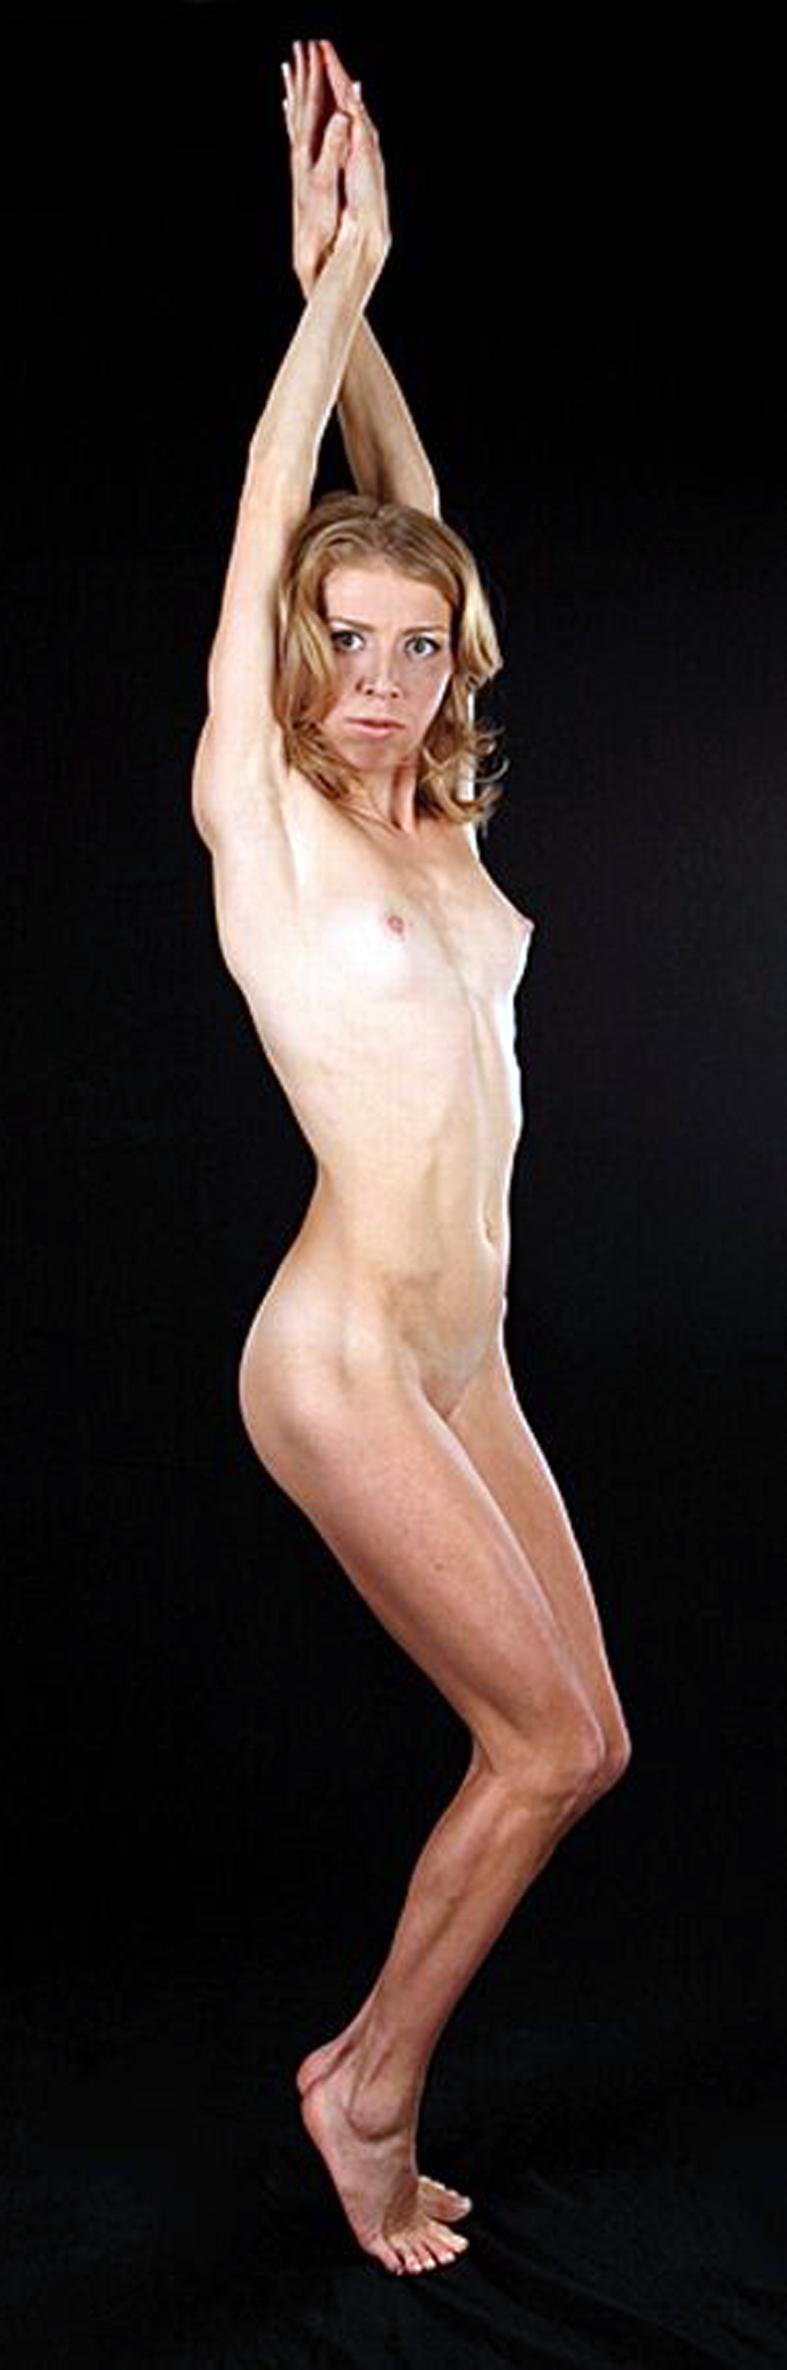 Фото самых сексуальных биатлонисток 4 фотография